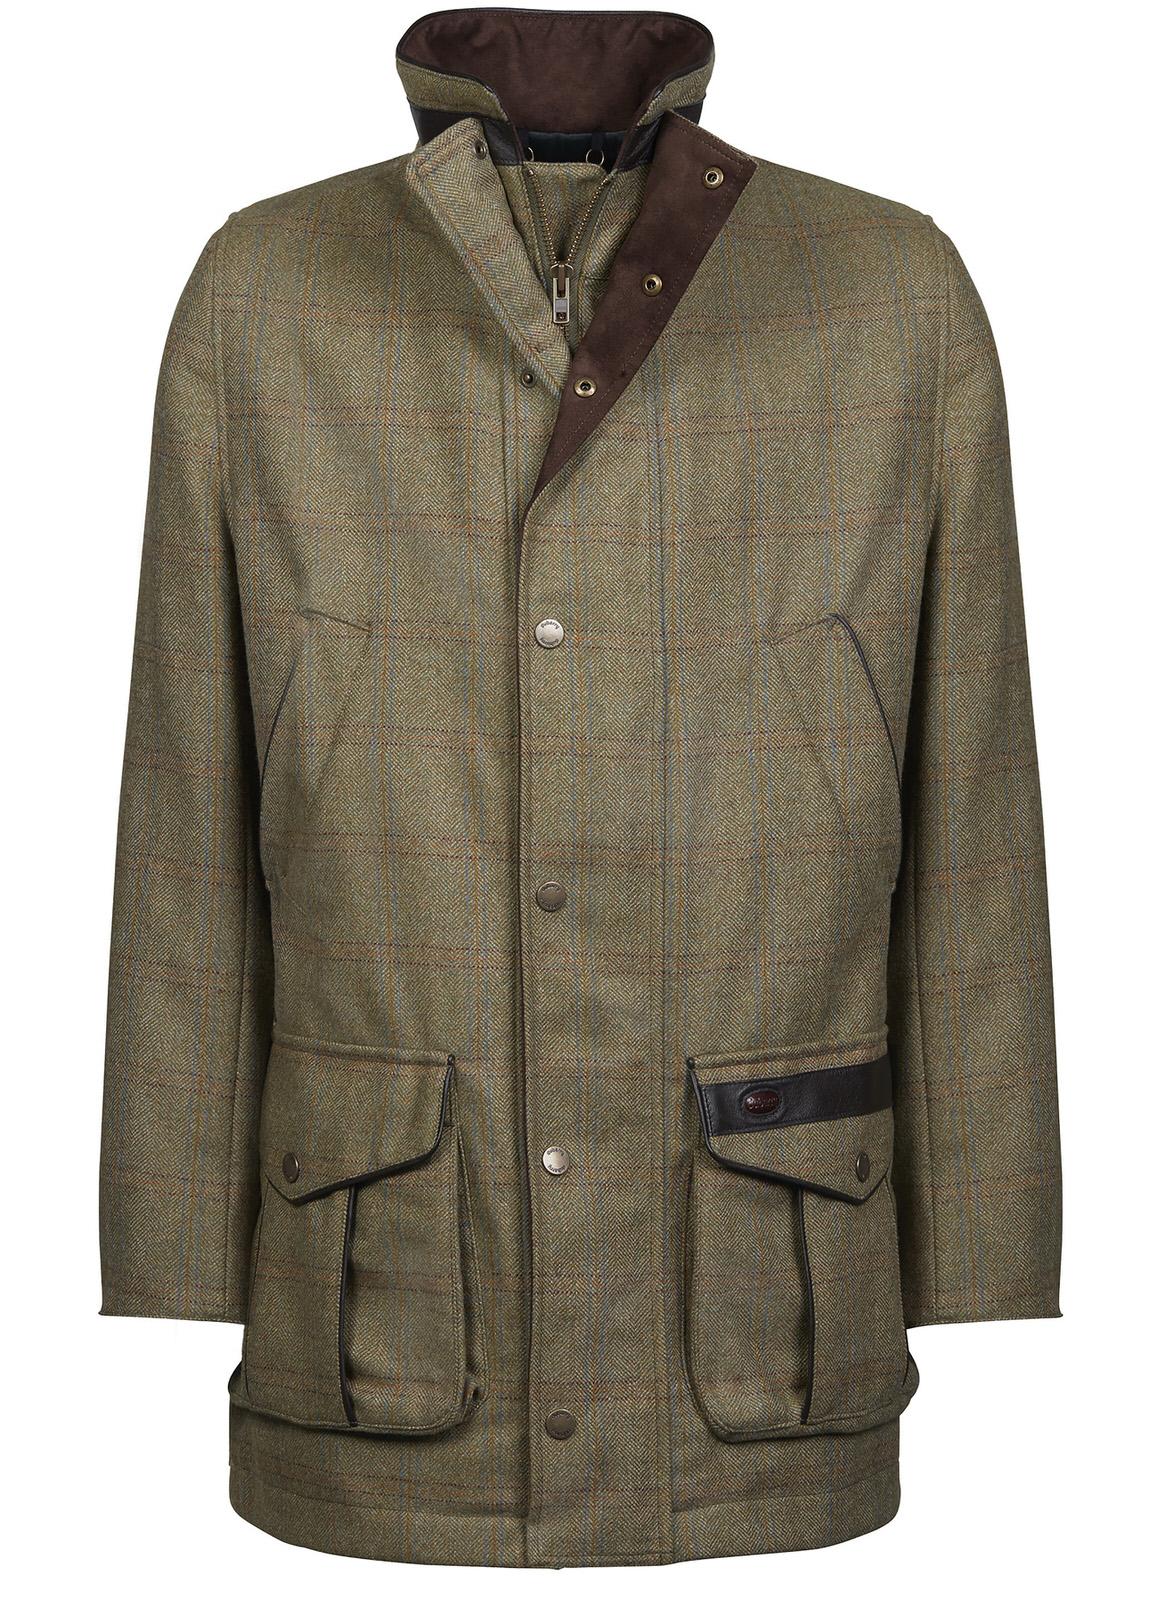 Ballyfin Tweed Jacket - Acorn